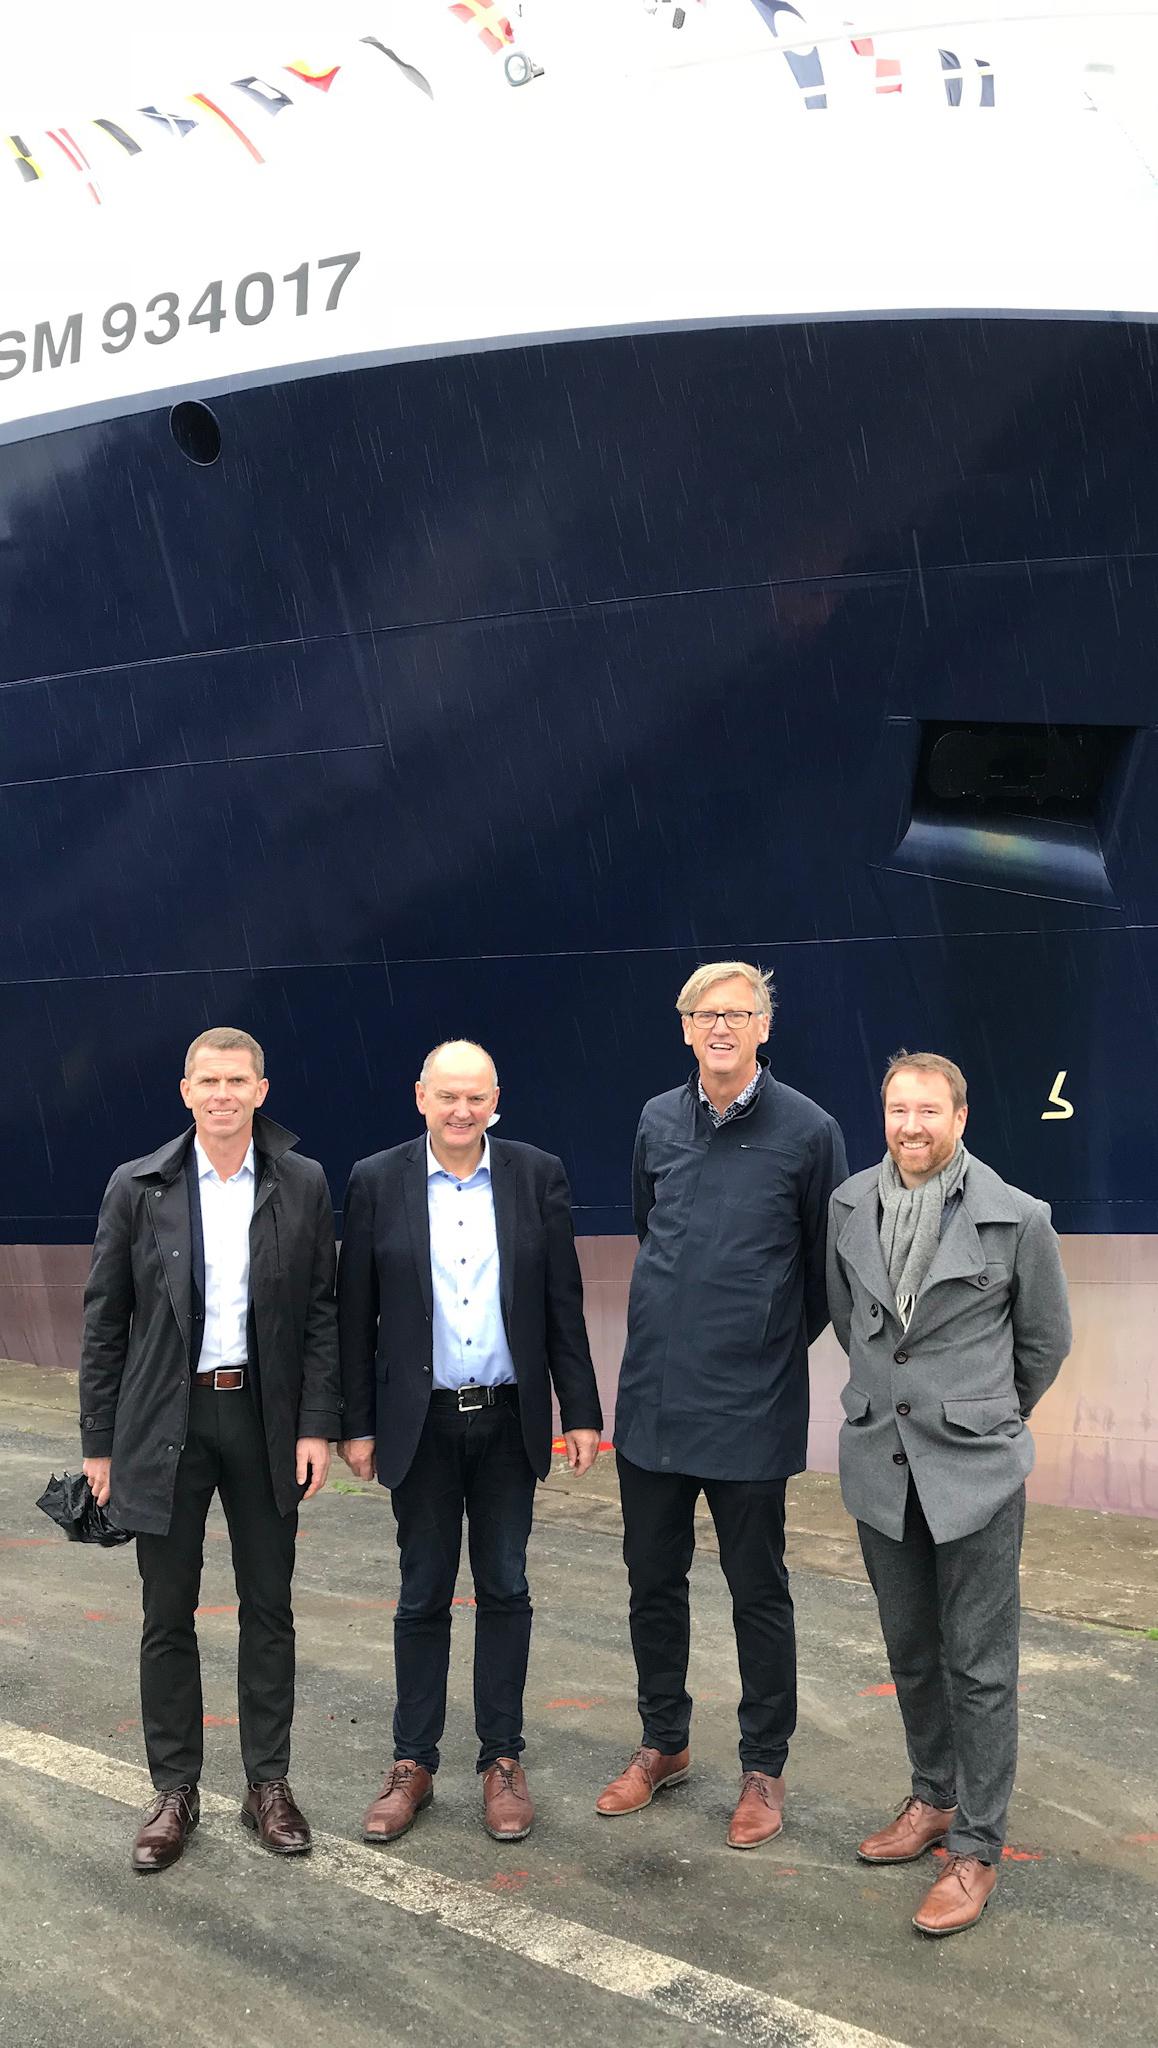 Lokale representantar: Frå venstre Inge-Jonny Hide (Myklebust Verft), Terje Hareide (Optimar), Monrad Hide og Robert Vorren (begge Rolls-Royce).